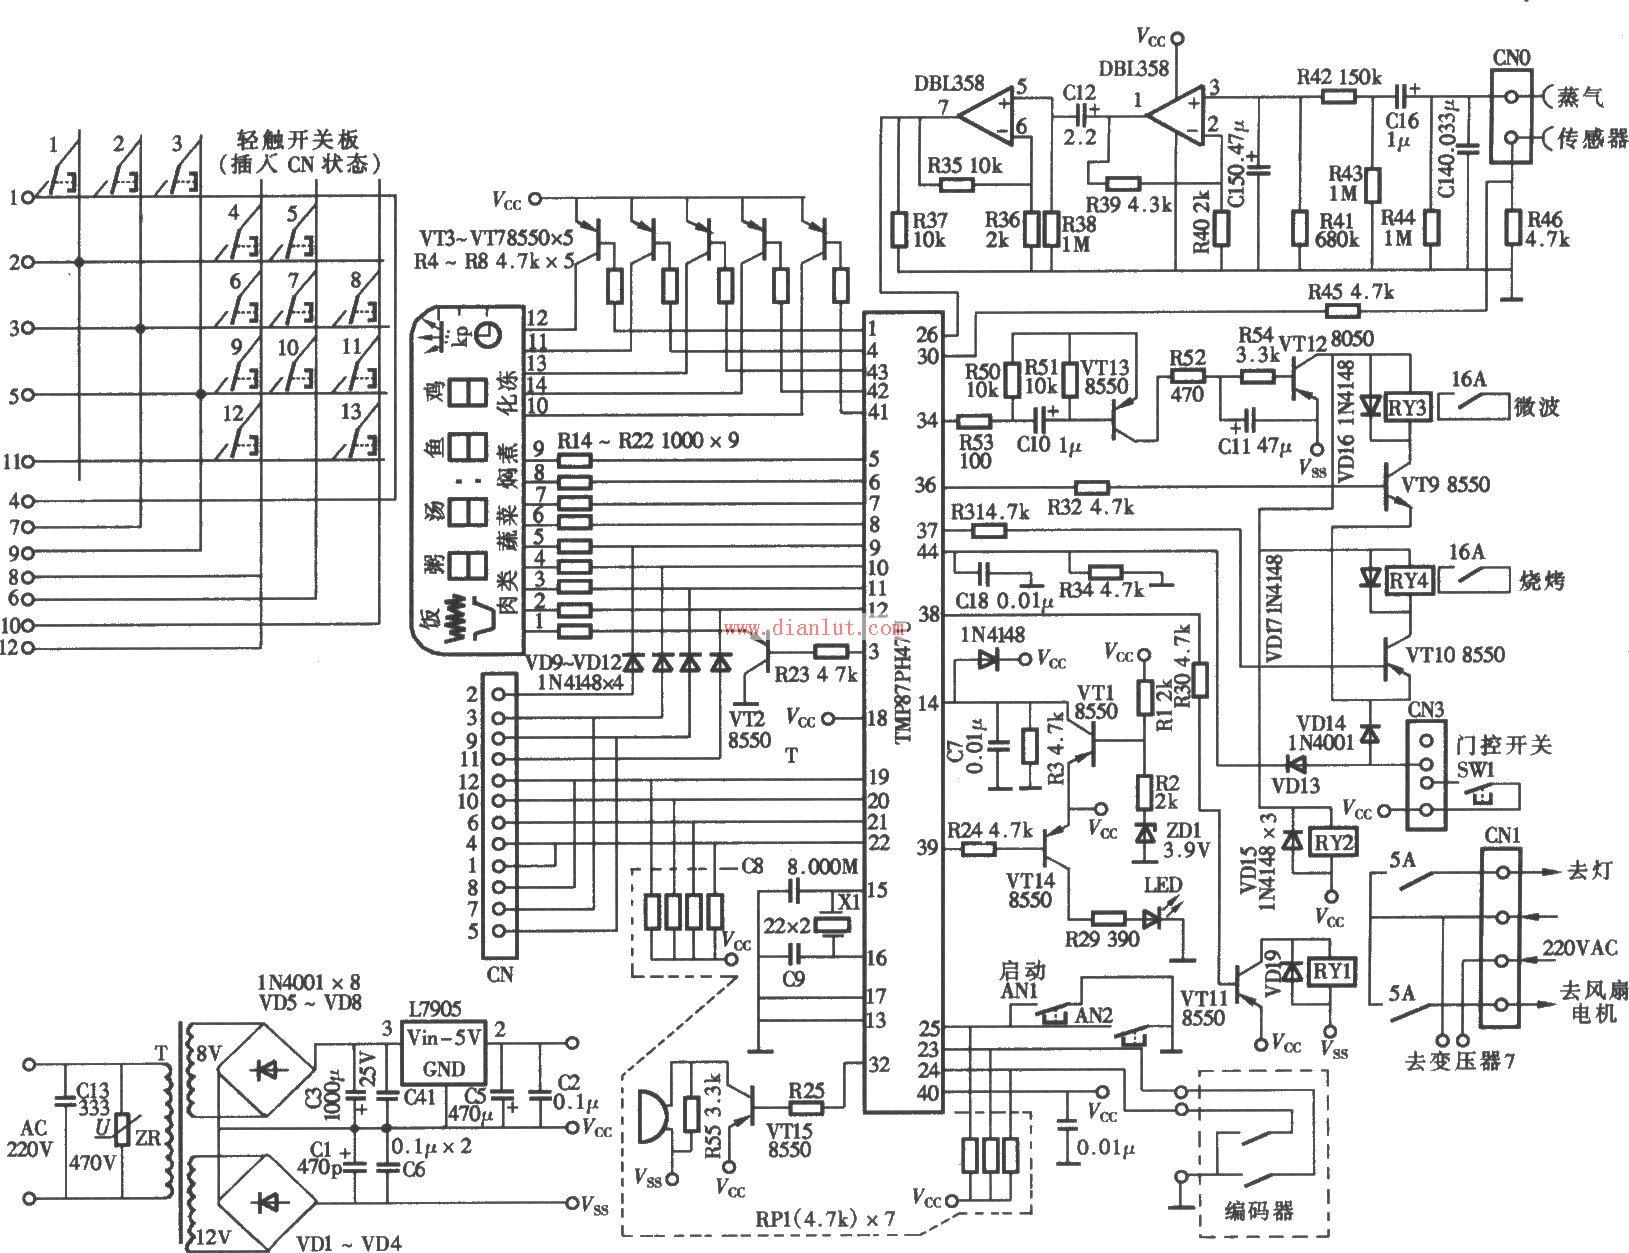 微波炉(microwave oven/microwave),顾名思义,就是用微波来煮饭烧菜的。微波炉是一种用微波加热食品的现代化烹调灶具。微波是一种电磁波。微波炉由电源,磁控管,控制电路和烹调腔等部分组成。电源向磁控管提供大约4000伏高压,磁控管在电源激励下,连续产生微波,再经过波导系统,耦合到烹调腔内。在烹调腔的进口处附近,有一个可旋转的搅拌器,因为搅拌器是风扇状的金属,旋转起来以后对微波具有各个方向的反射,所以能够把微波能量均匀地分布在烹调腔内。微波炉的功率范围一般为500~1000瓦。从而加热